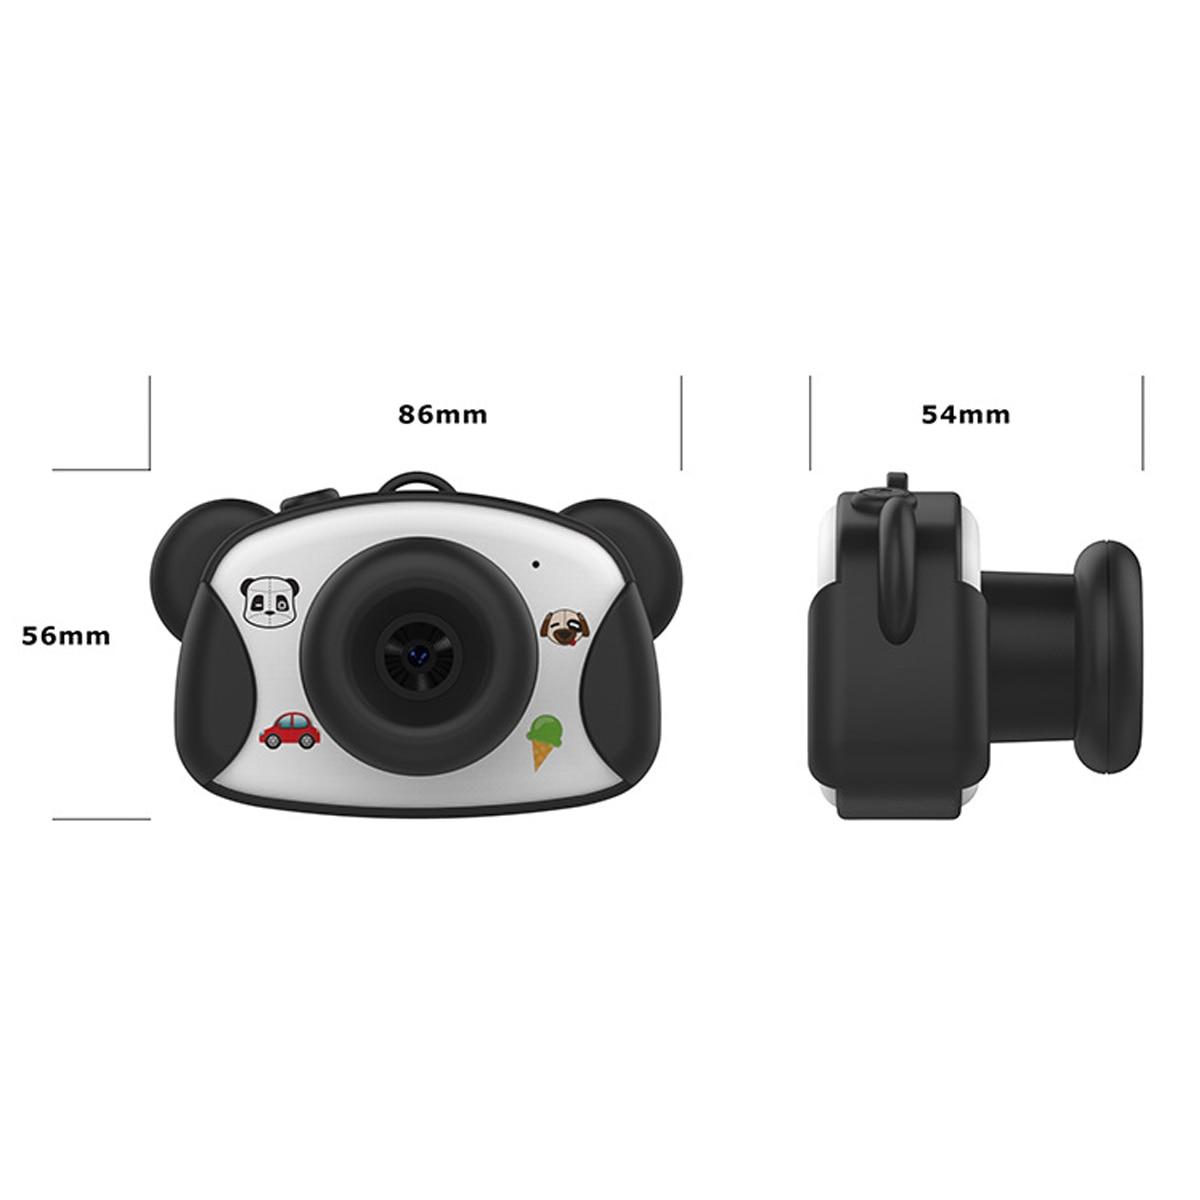 8.0MP 1.5 pouces HD écran enfant caméra jouets Mini belle Panda enfants Anti-secousse appareil photo numérique avec des autocollants de bande dessinée enfants cadeaux - 6